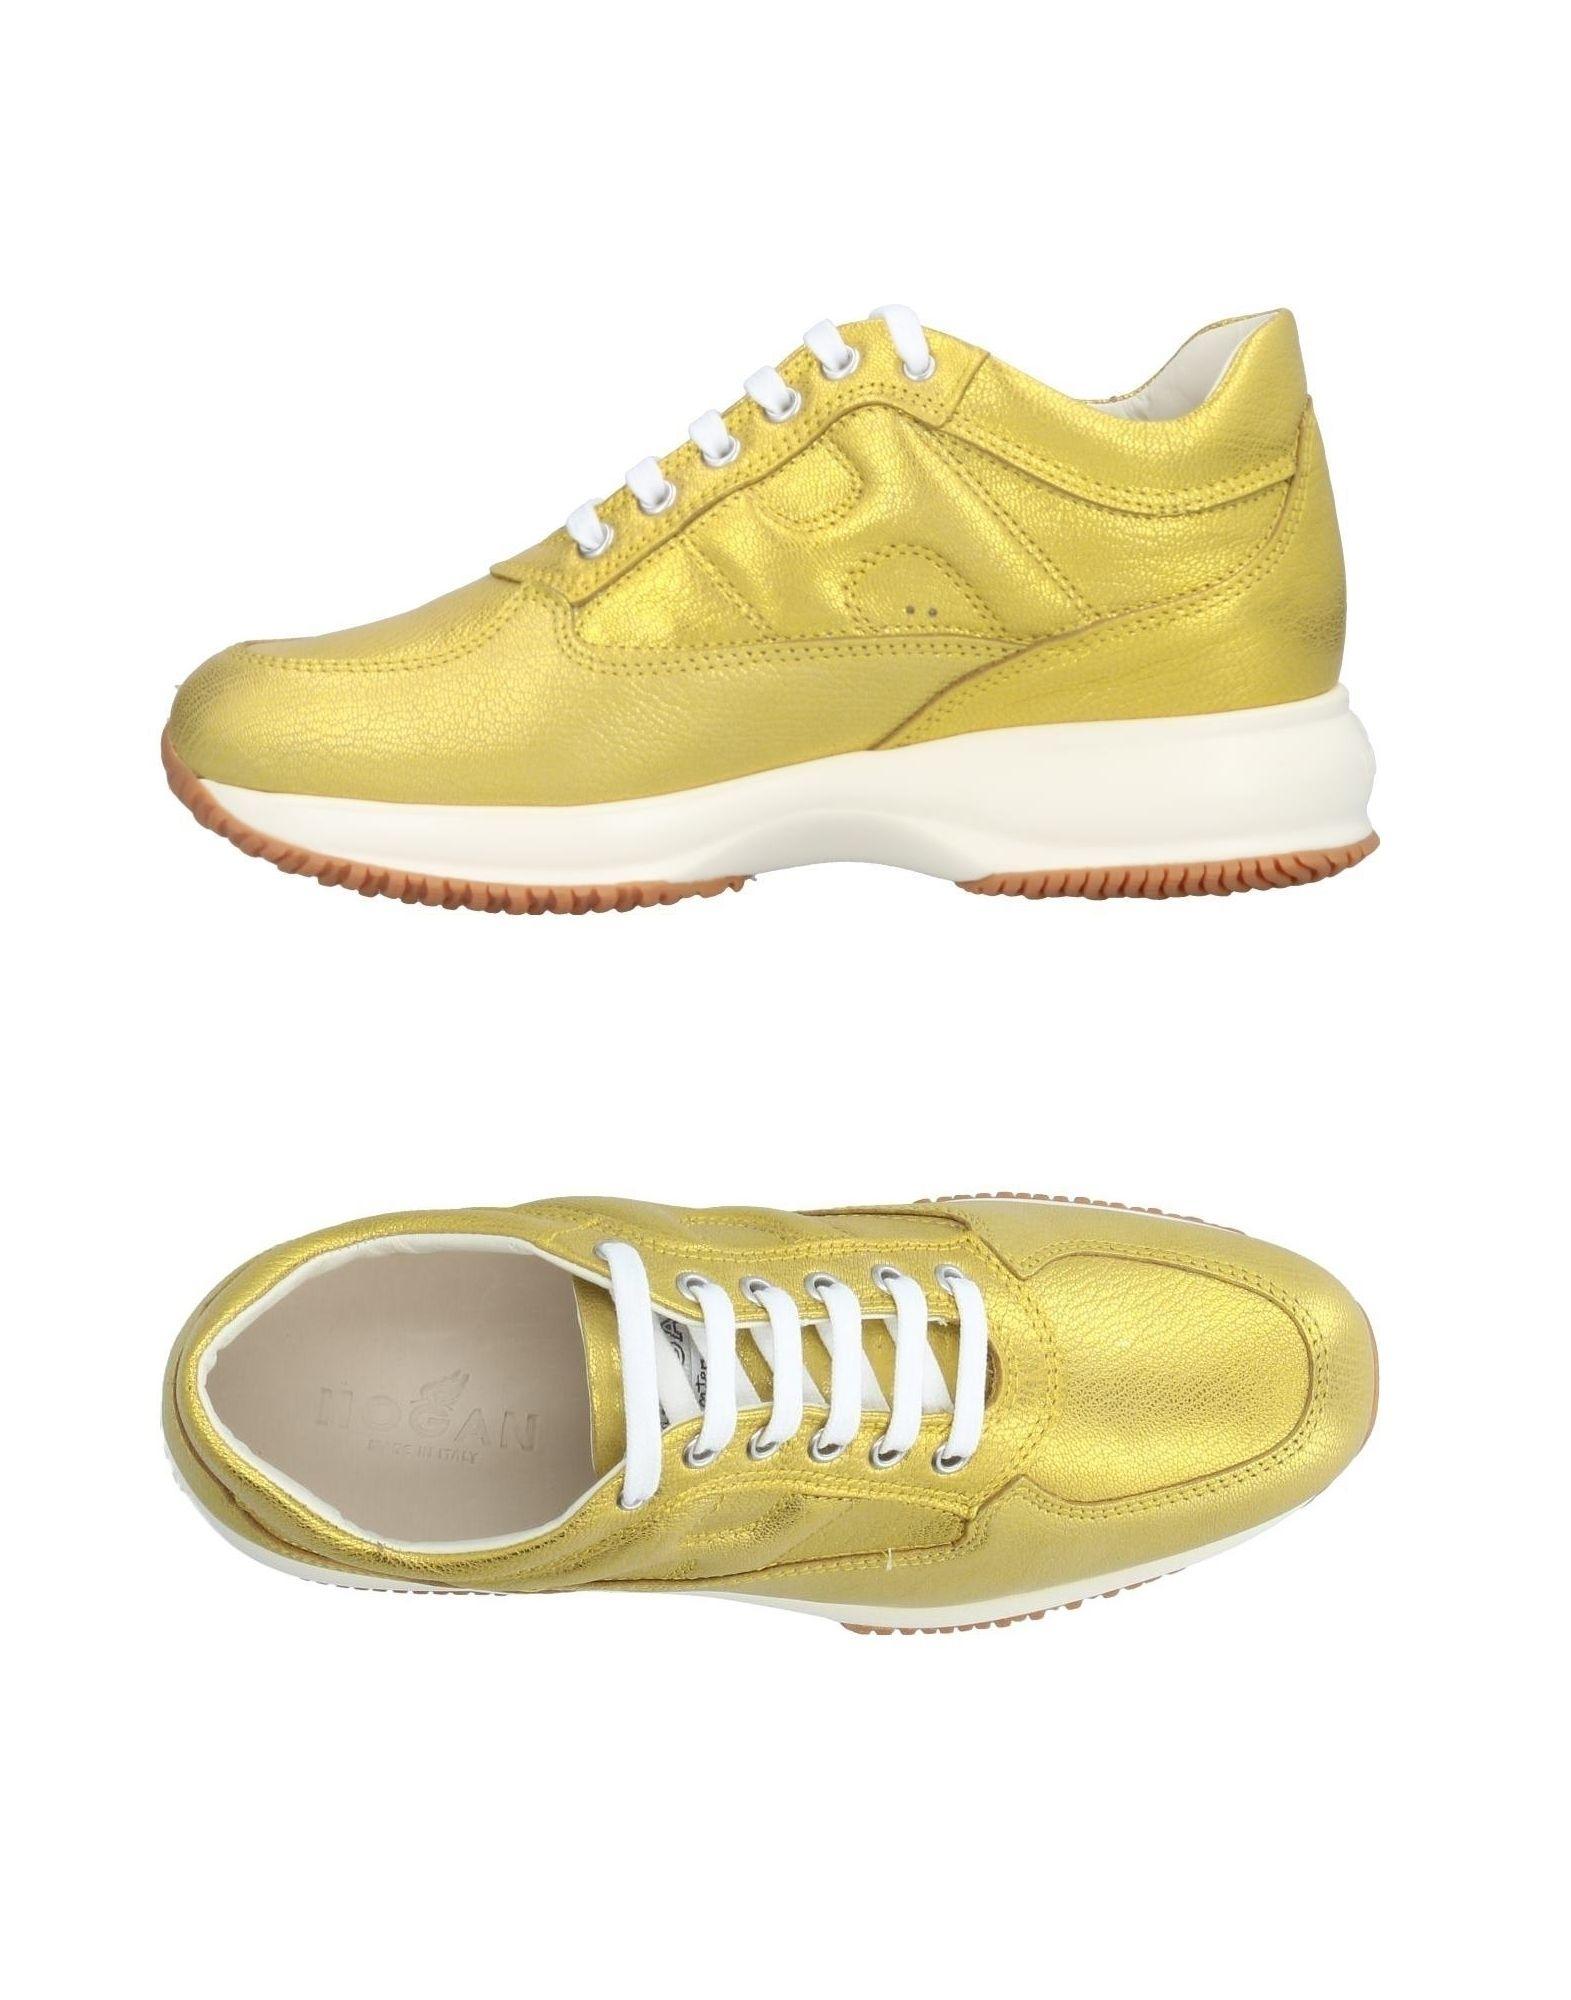 Moda barata barata Moda y hermosa Zapatillas Hogan Mujer - Zapatillas Hogan  Fucsia 7255bc